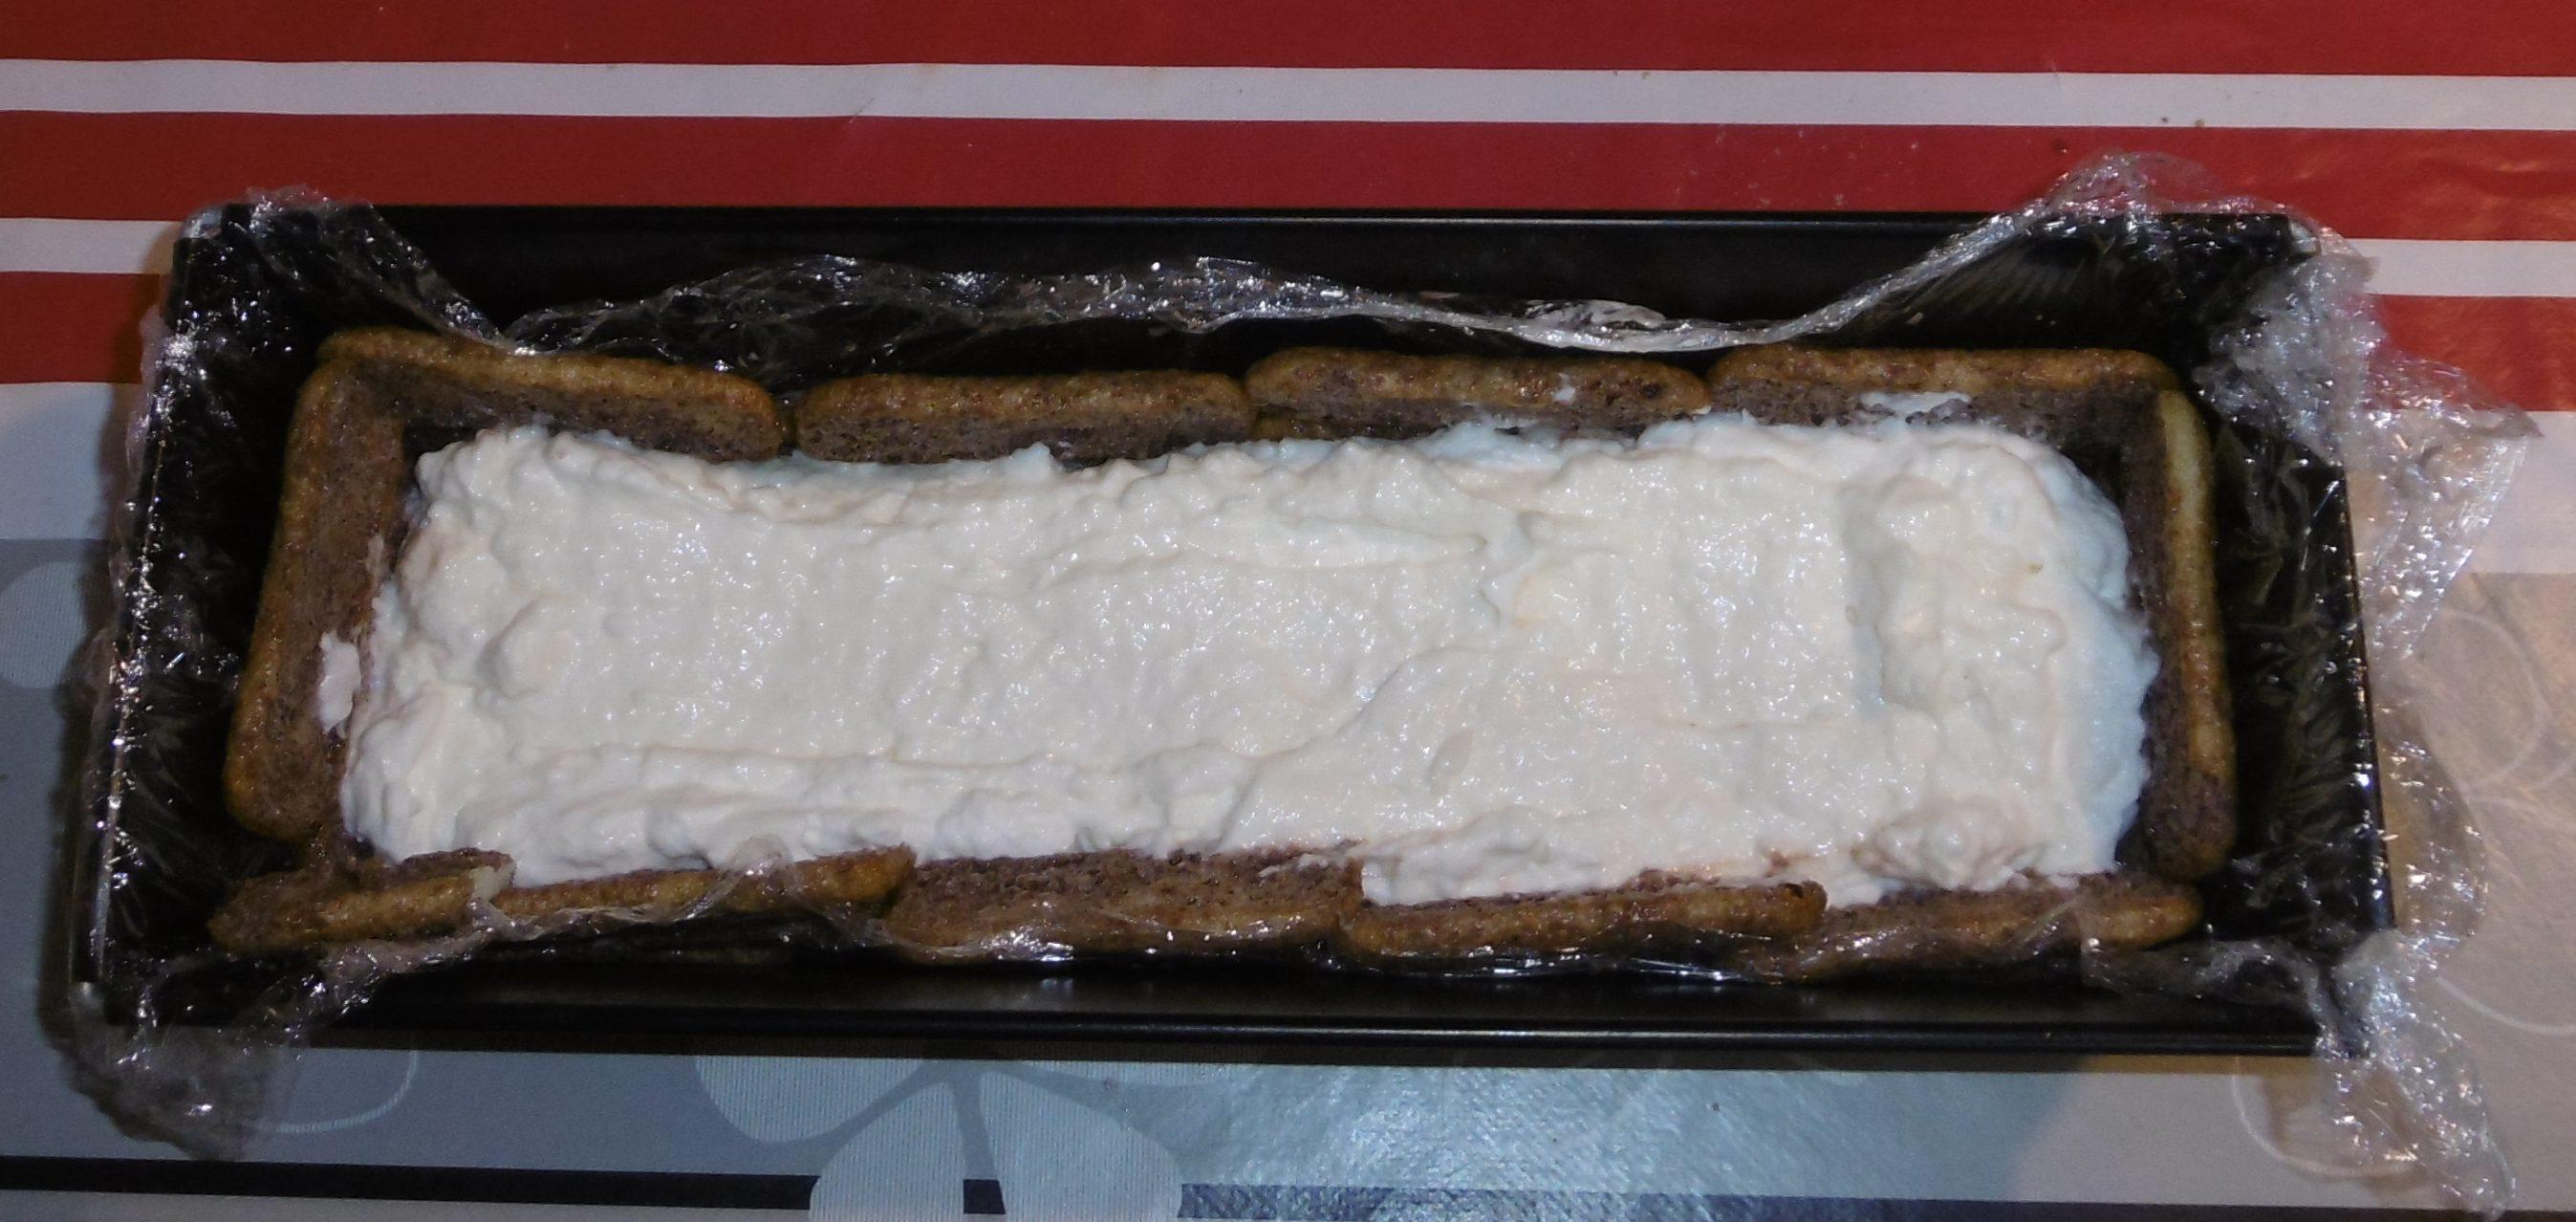 Semifreddo con pavesini, mascarpone e crema pan di stelle - Aggiunta crema